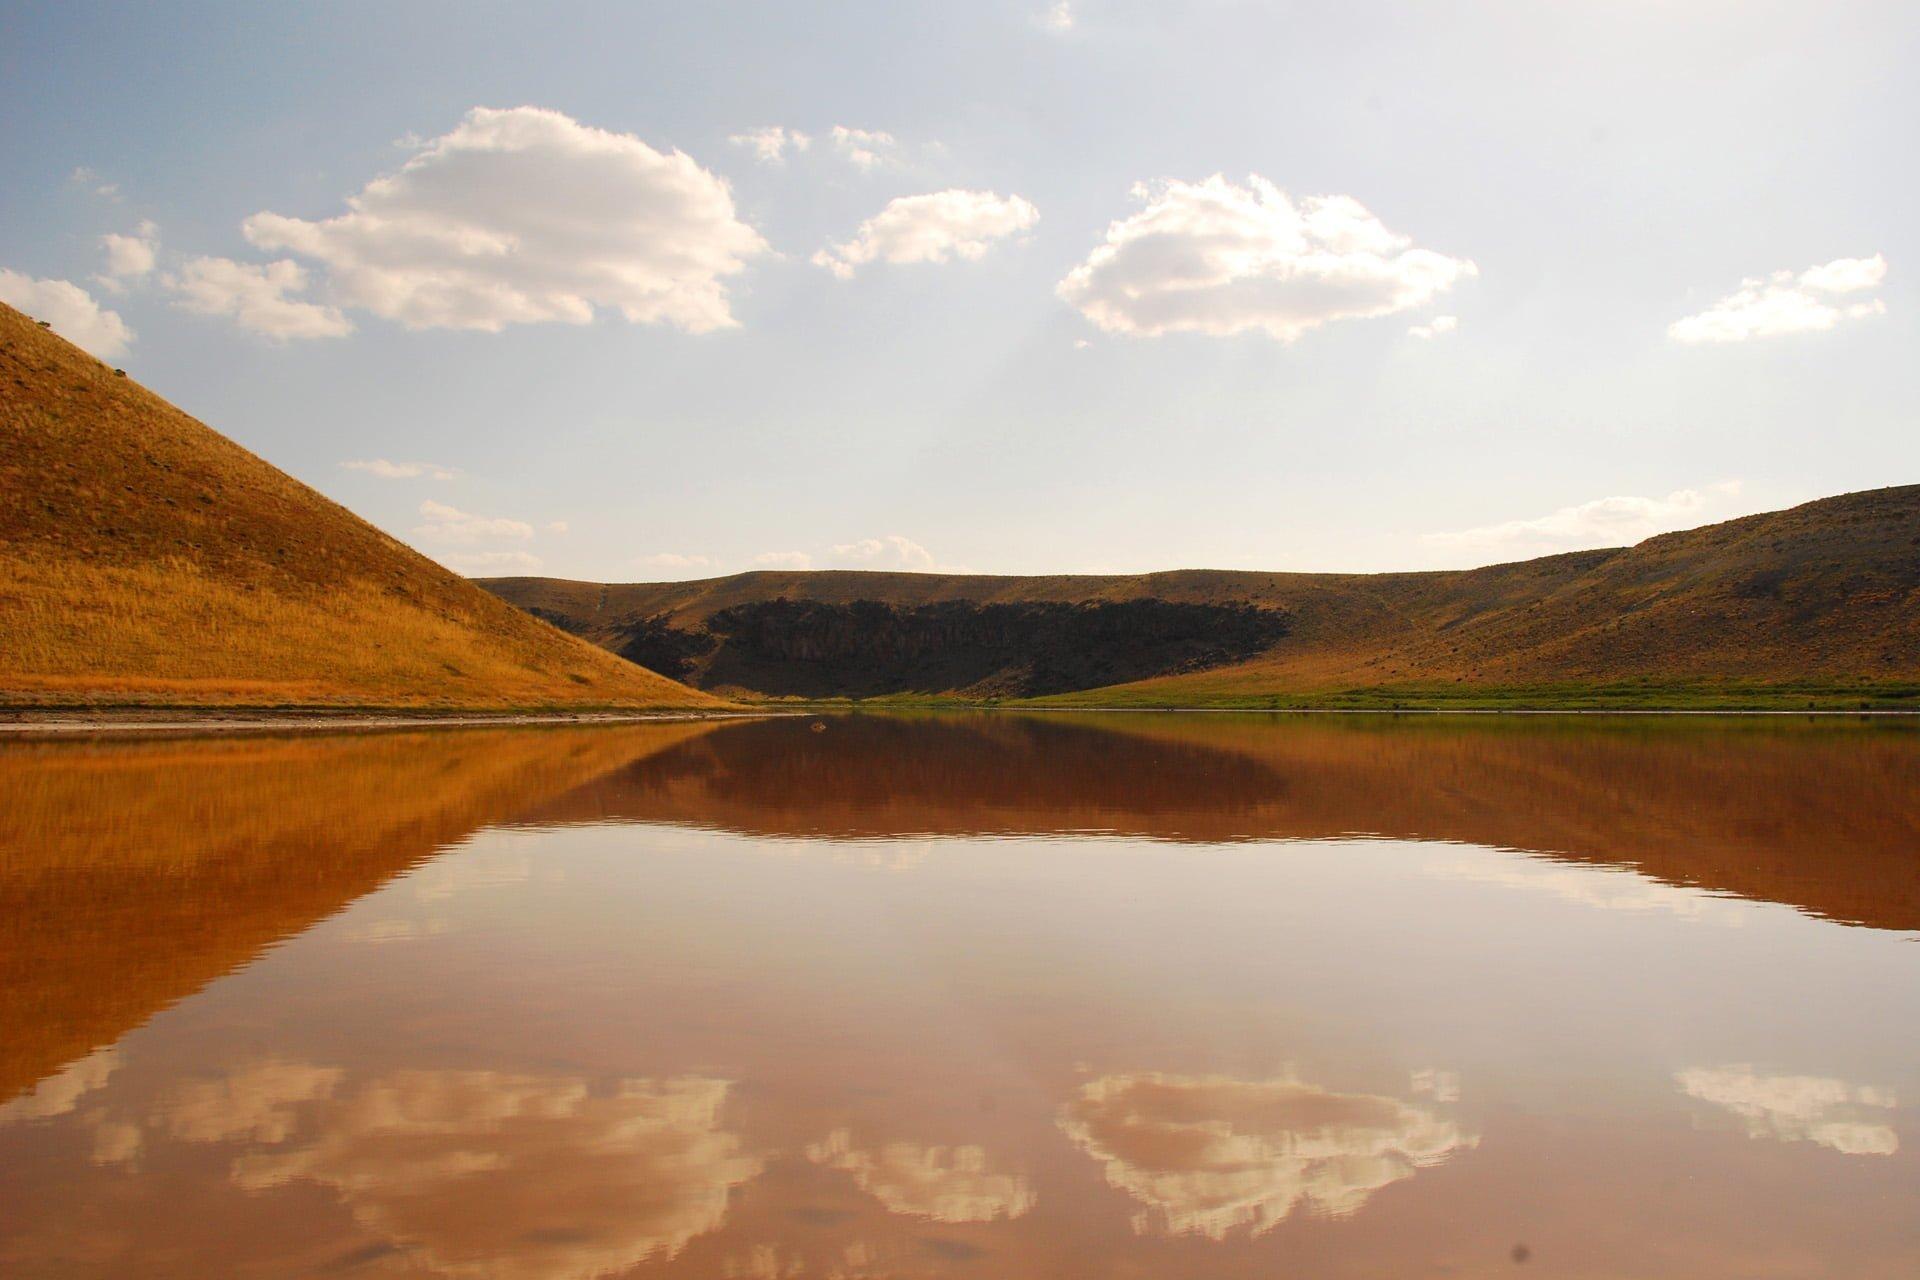 meke krater gölü resimleri